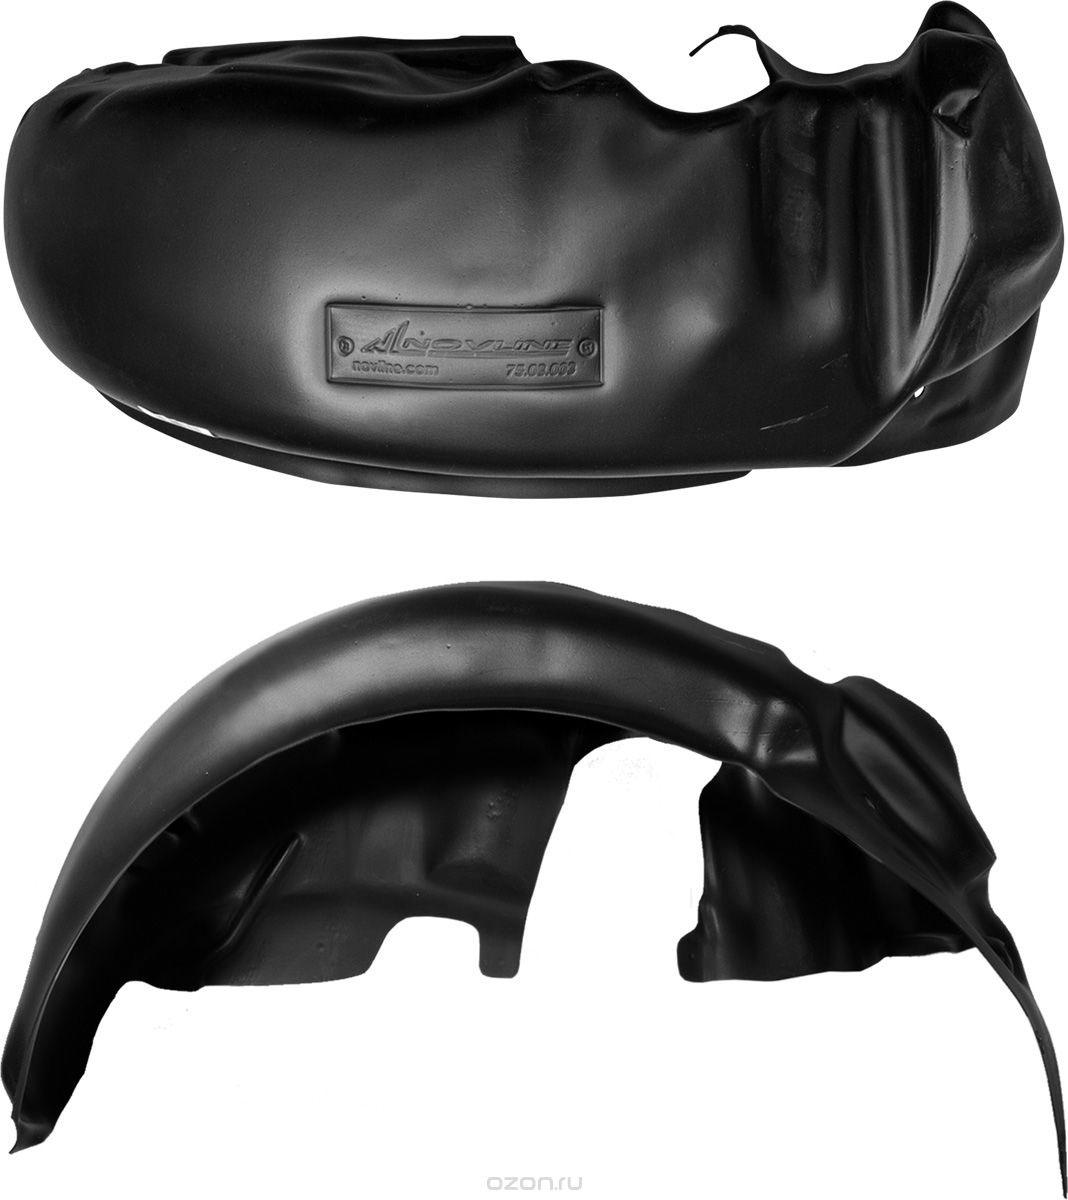 Подкрылок Novline-Autofamily, для CHEVROLET Aveo 2012->,сед, хб., передний левыйVCA-00Идеальная защита колесной ниши. Локеры разработаны с применением цифровых технологий, гарантируют максимальную повторяемость поверхности арки. Изделия устанавливаются без нарушения лакокрасочного покрытия автомобиля, каждый подкрылок комплектуется крепежом. Уважаемые клиенты, обращаем ваше внимание, что фотографии на подкрылки универсальные и не отражают реальную форму изделия. При этом само изделие идет точно под размер указанного автомобиля.